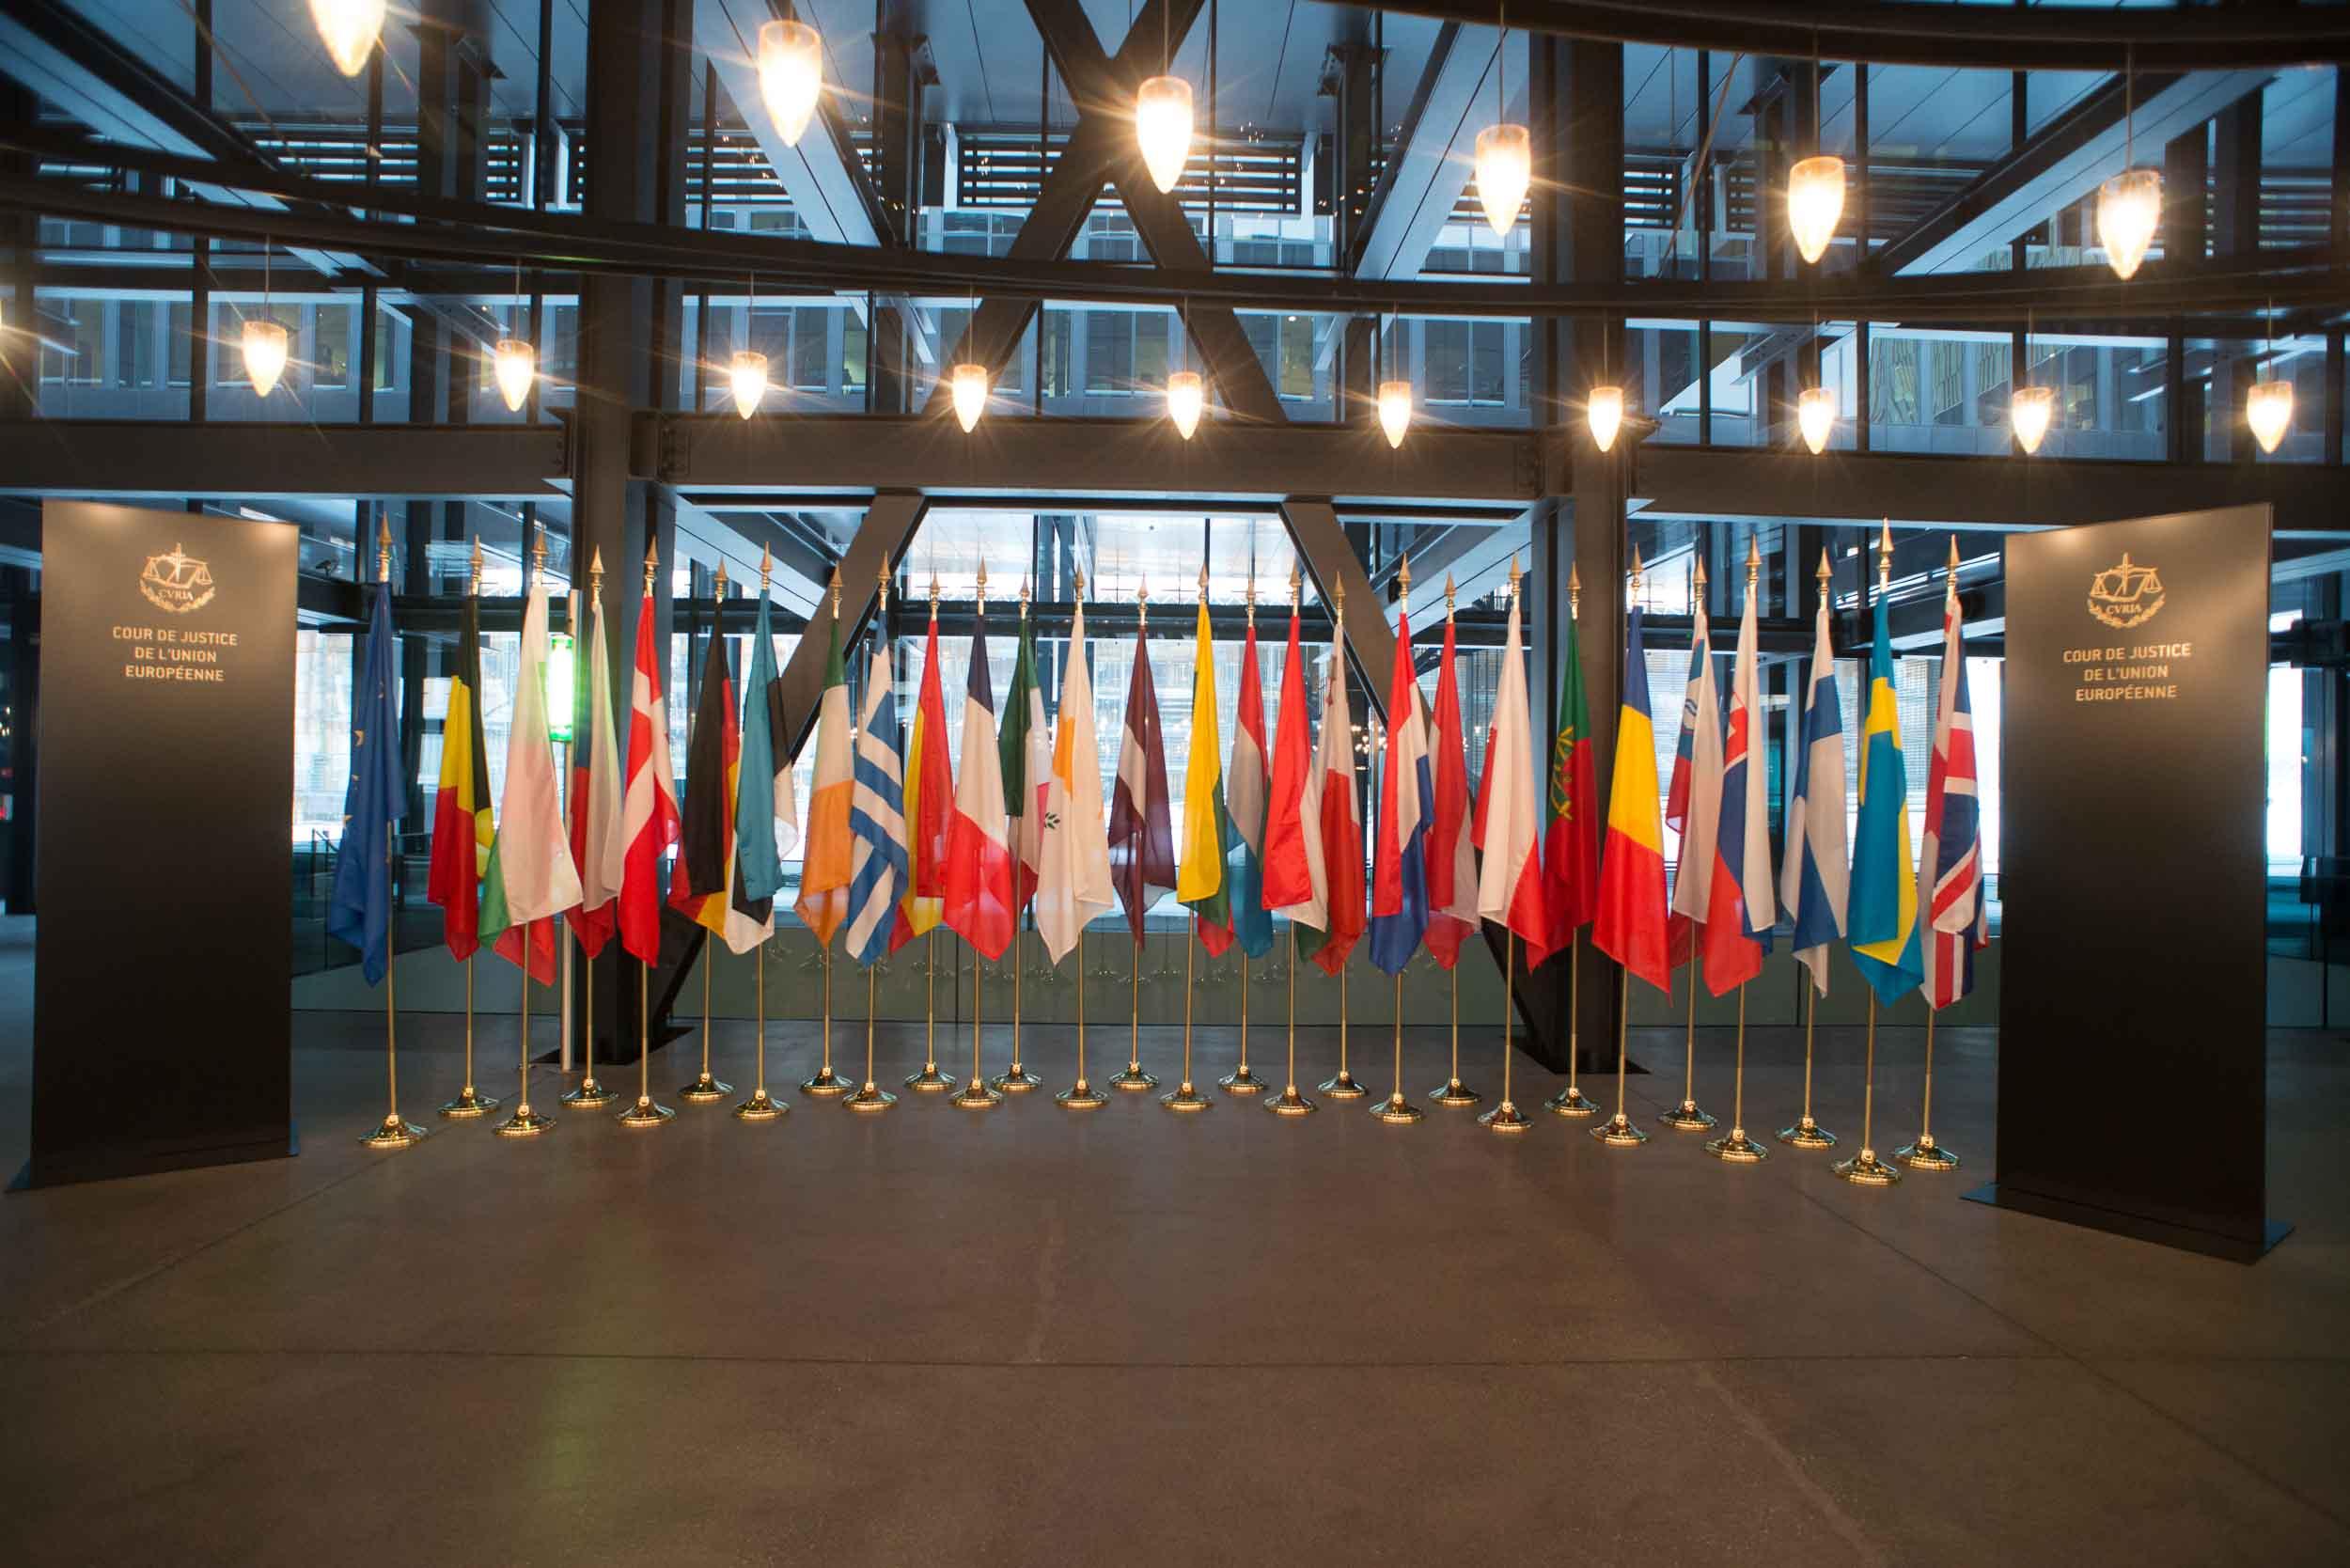 Die Fahnen aller beteiligten Länder beim Europäischen Gerichtshof in Luxemburg fotografiert vom Fotostudio Yaph in Trier